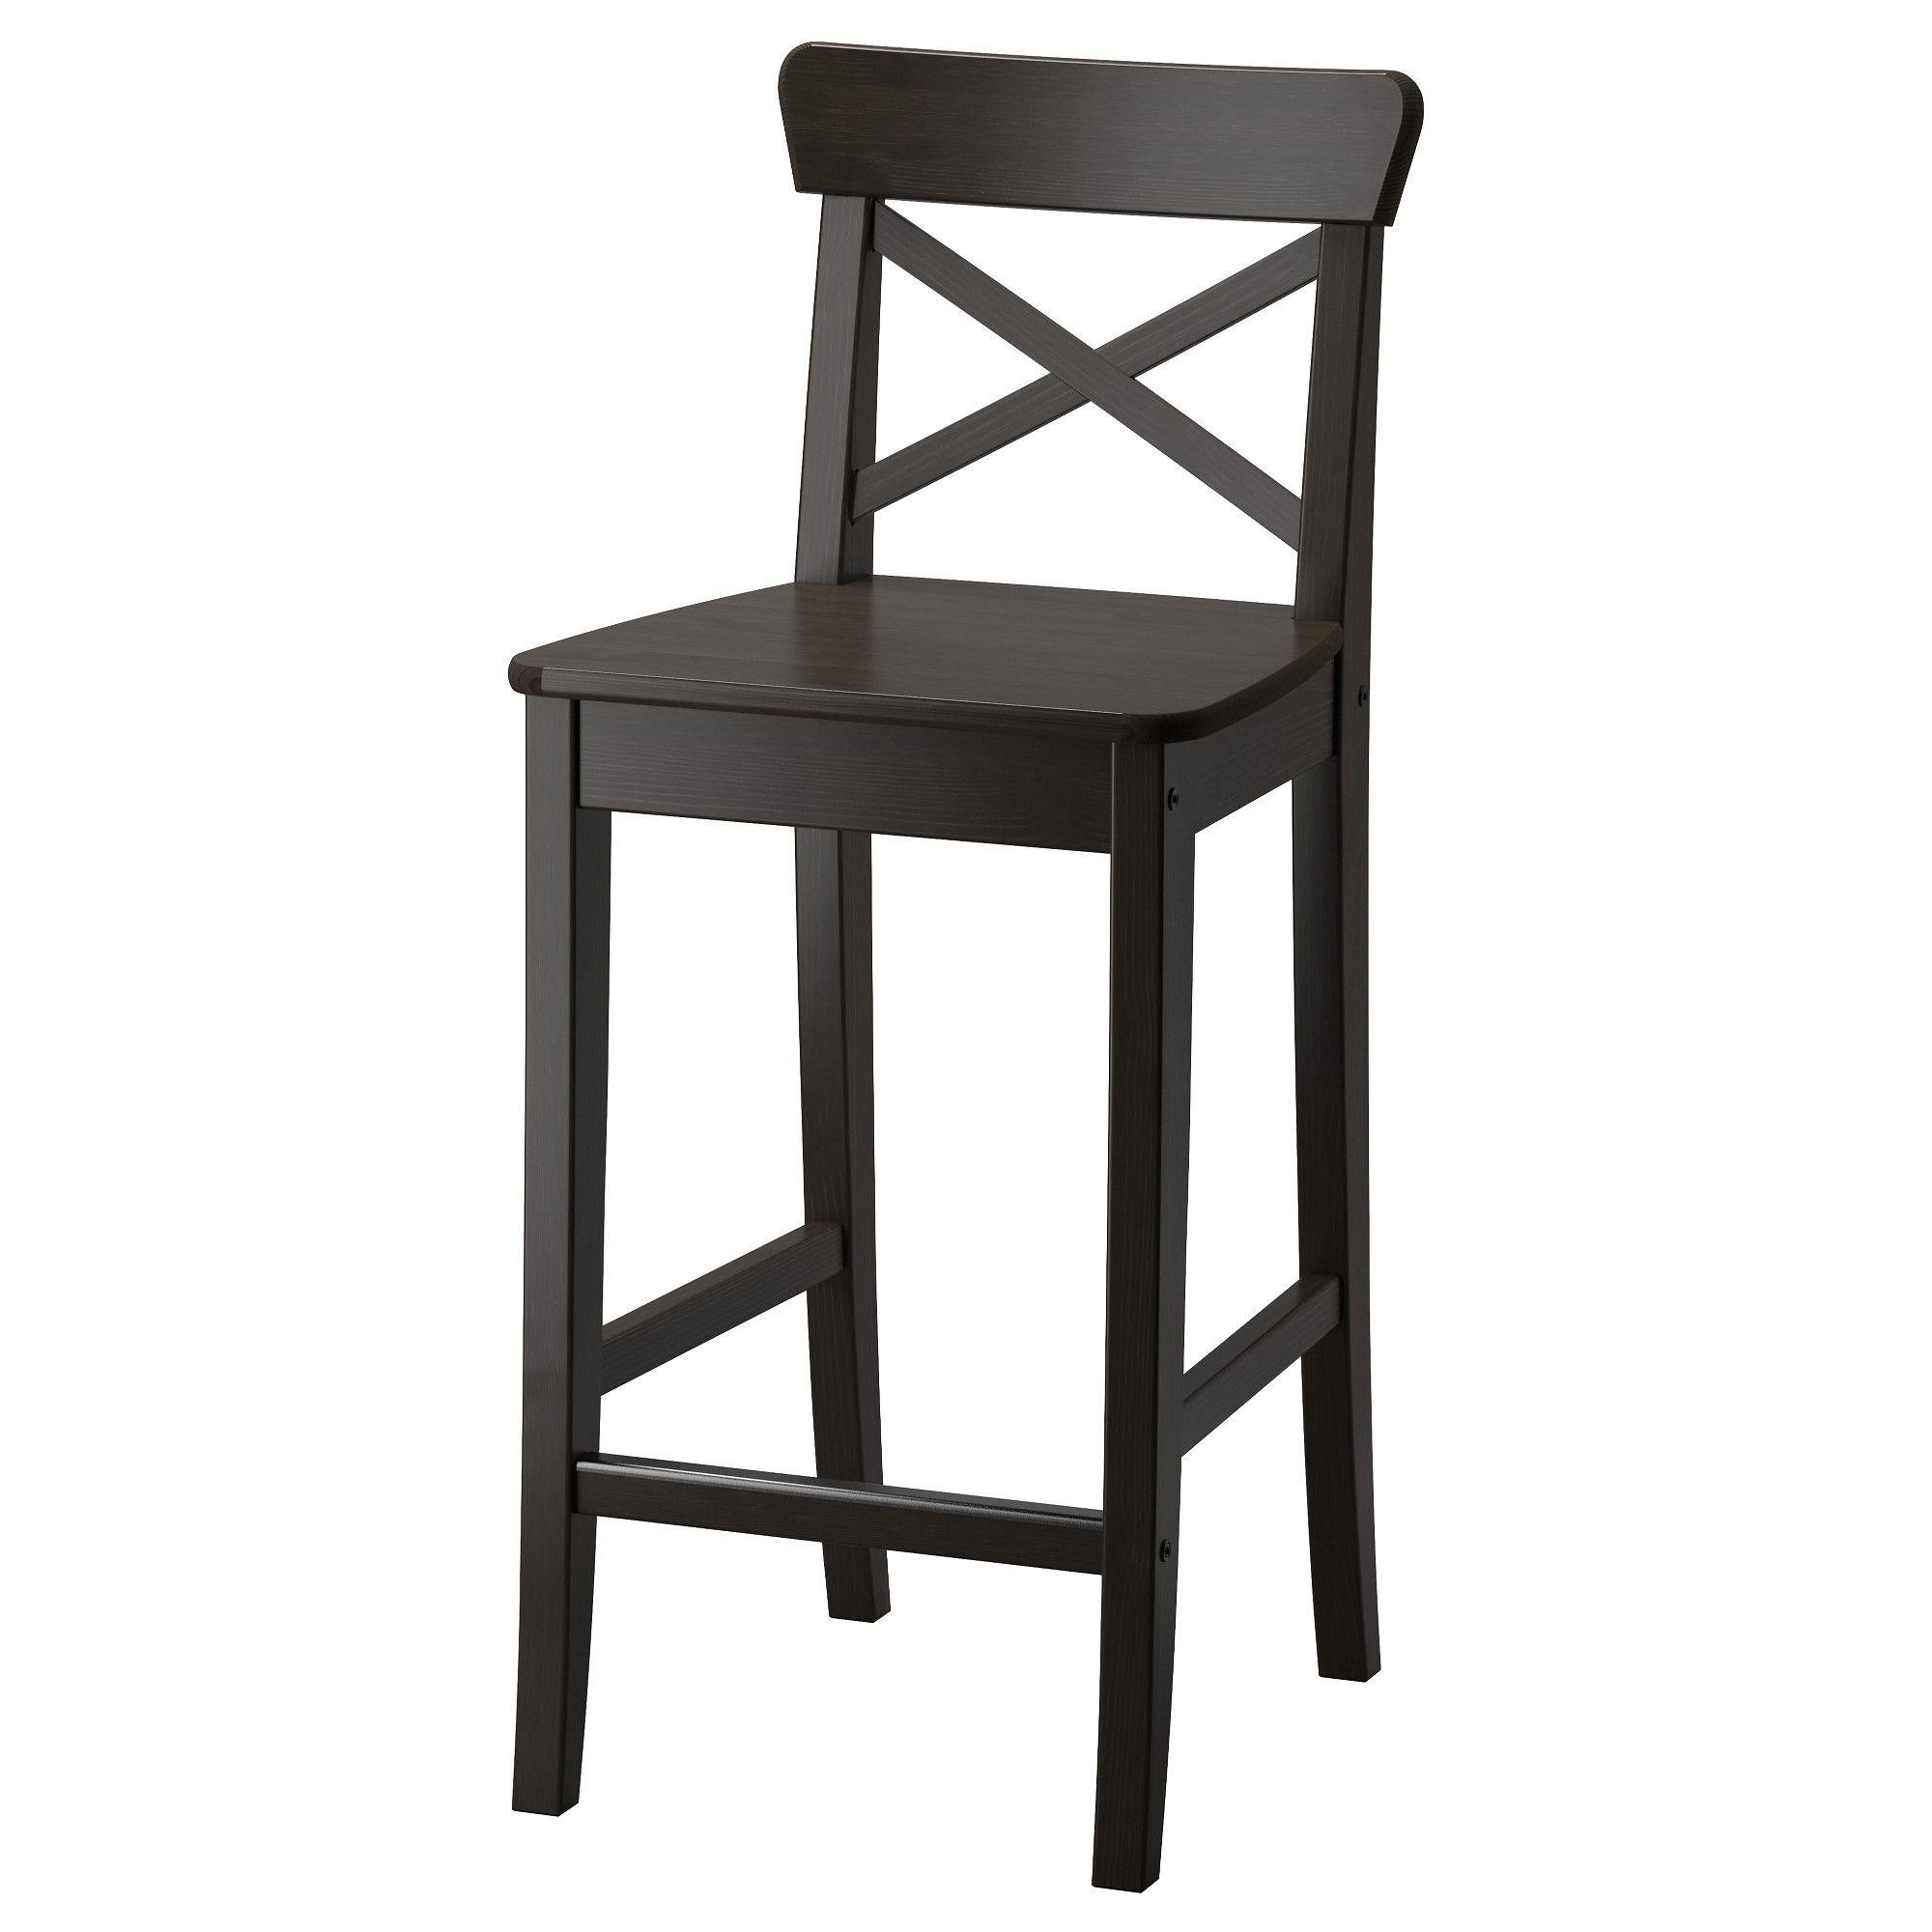 Ingolf Bar Stool With Backrest Brown Black 24 3 4 Barstuhle